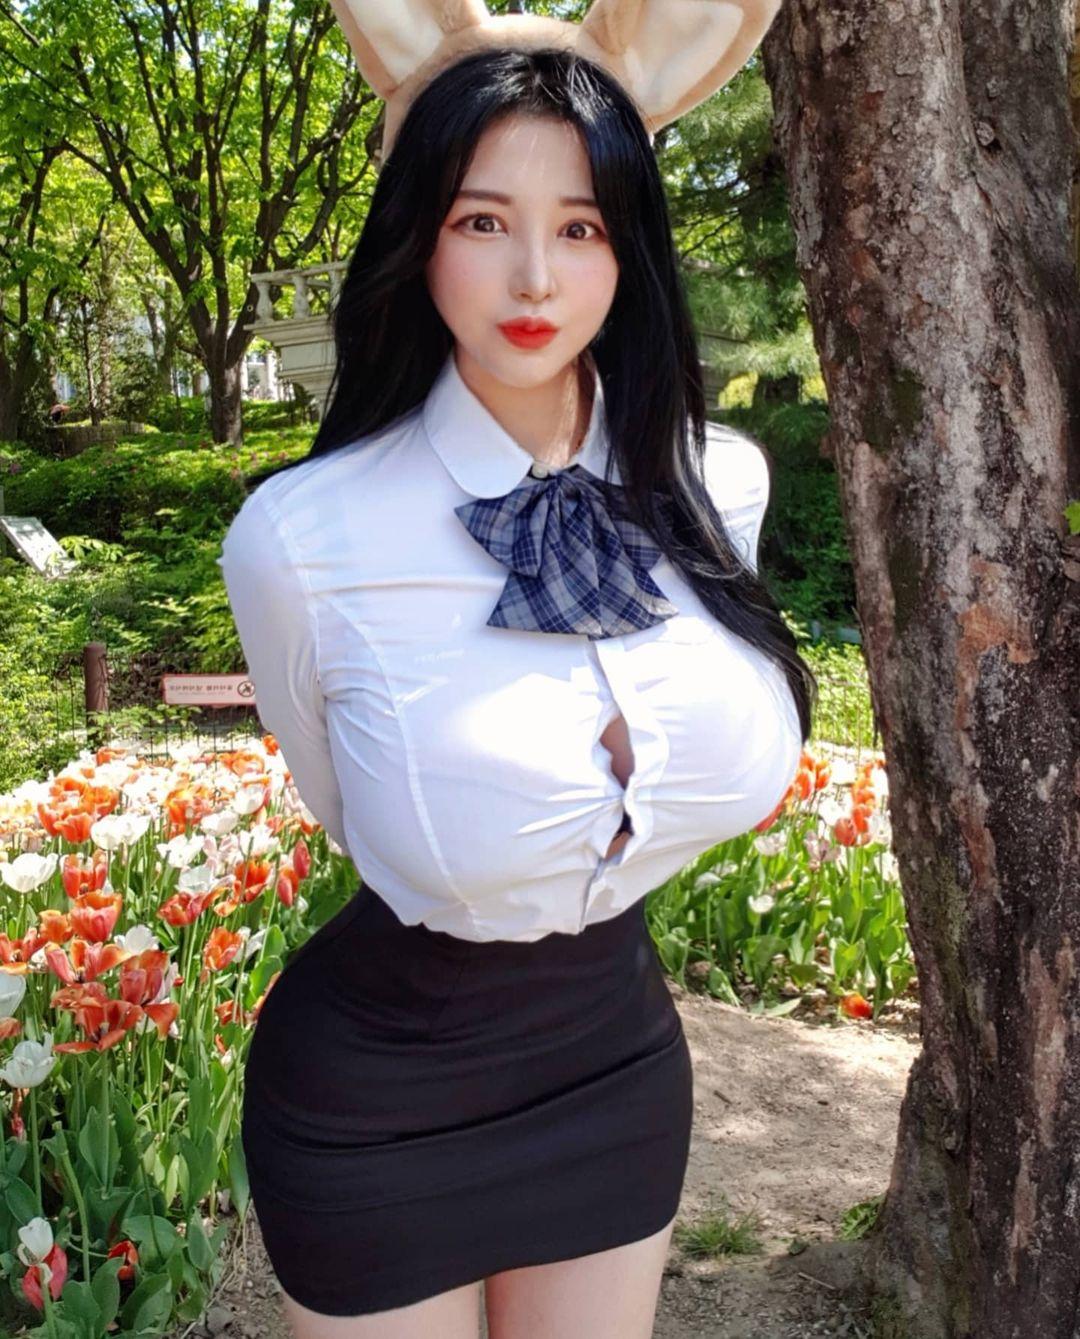 """Người đẹp Hàn Quốc bị chỉ trích vì mặc đồng phục bung cúc do ngực """"khủng"""" - hình ảnh 1"""